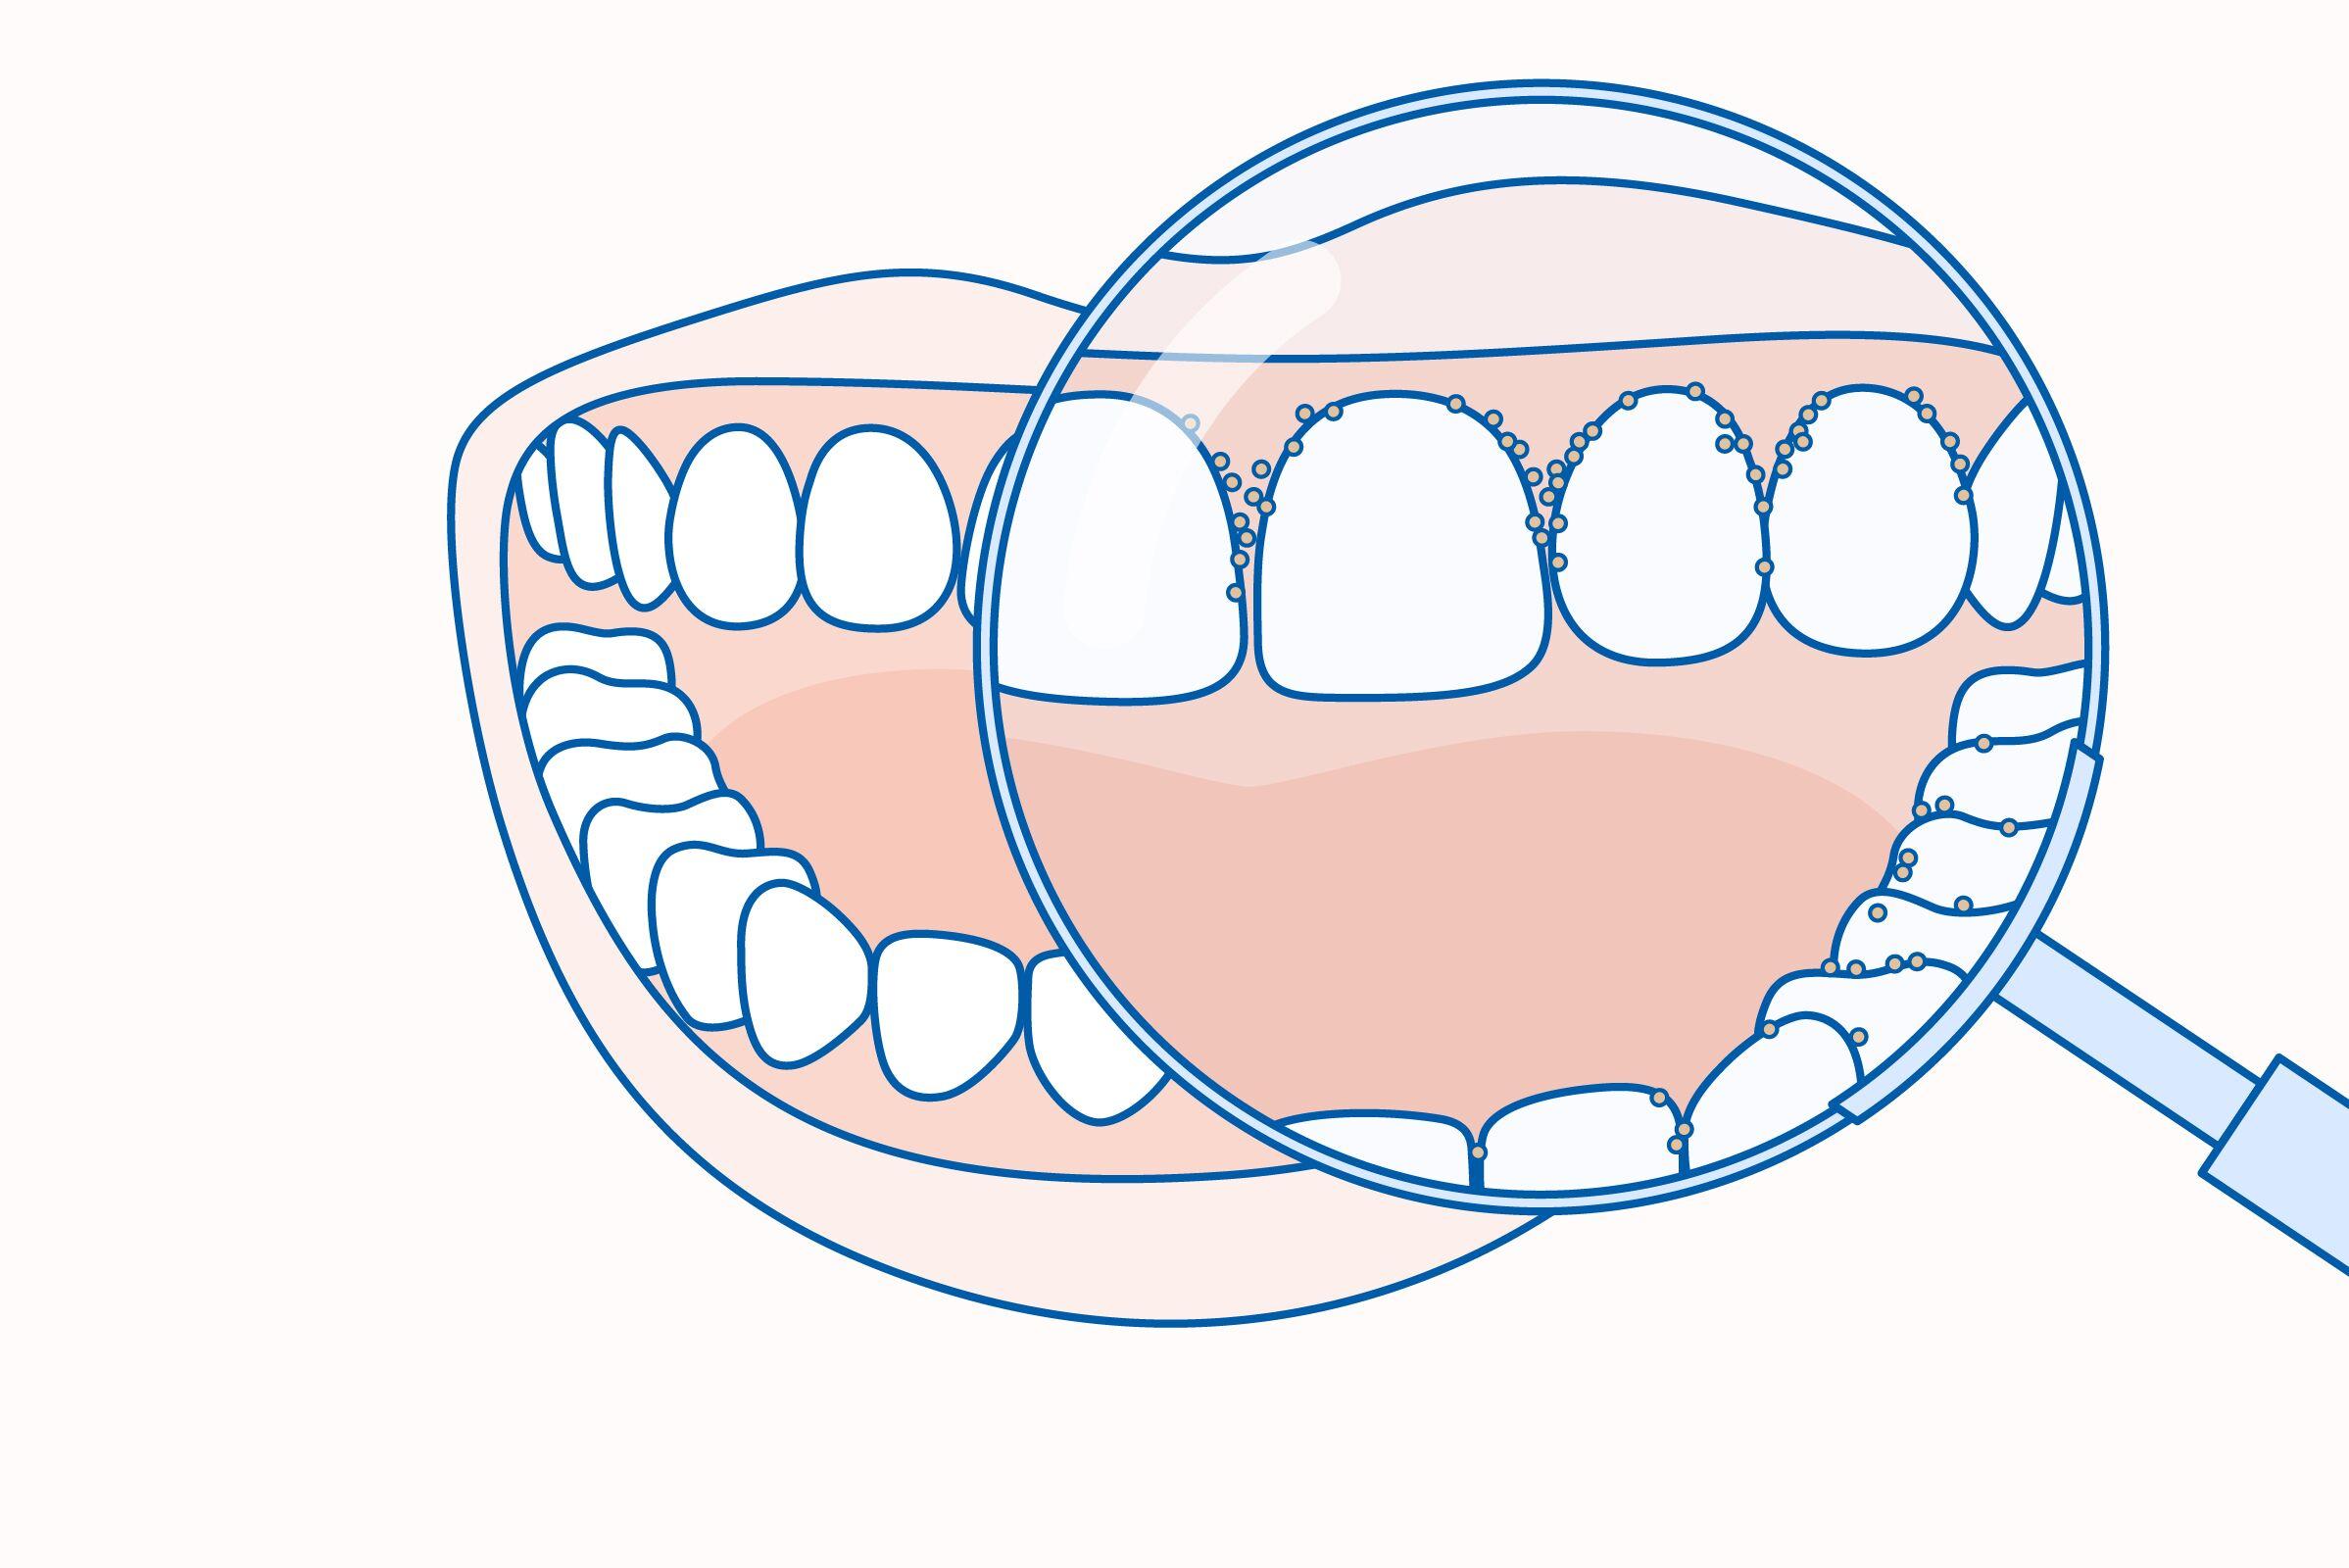 rossz lehelet periodontitisszel)